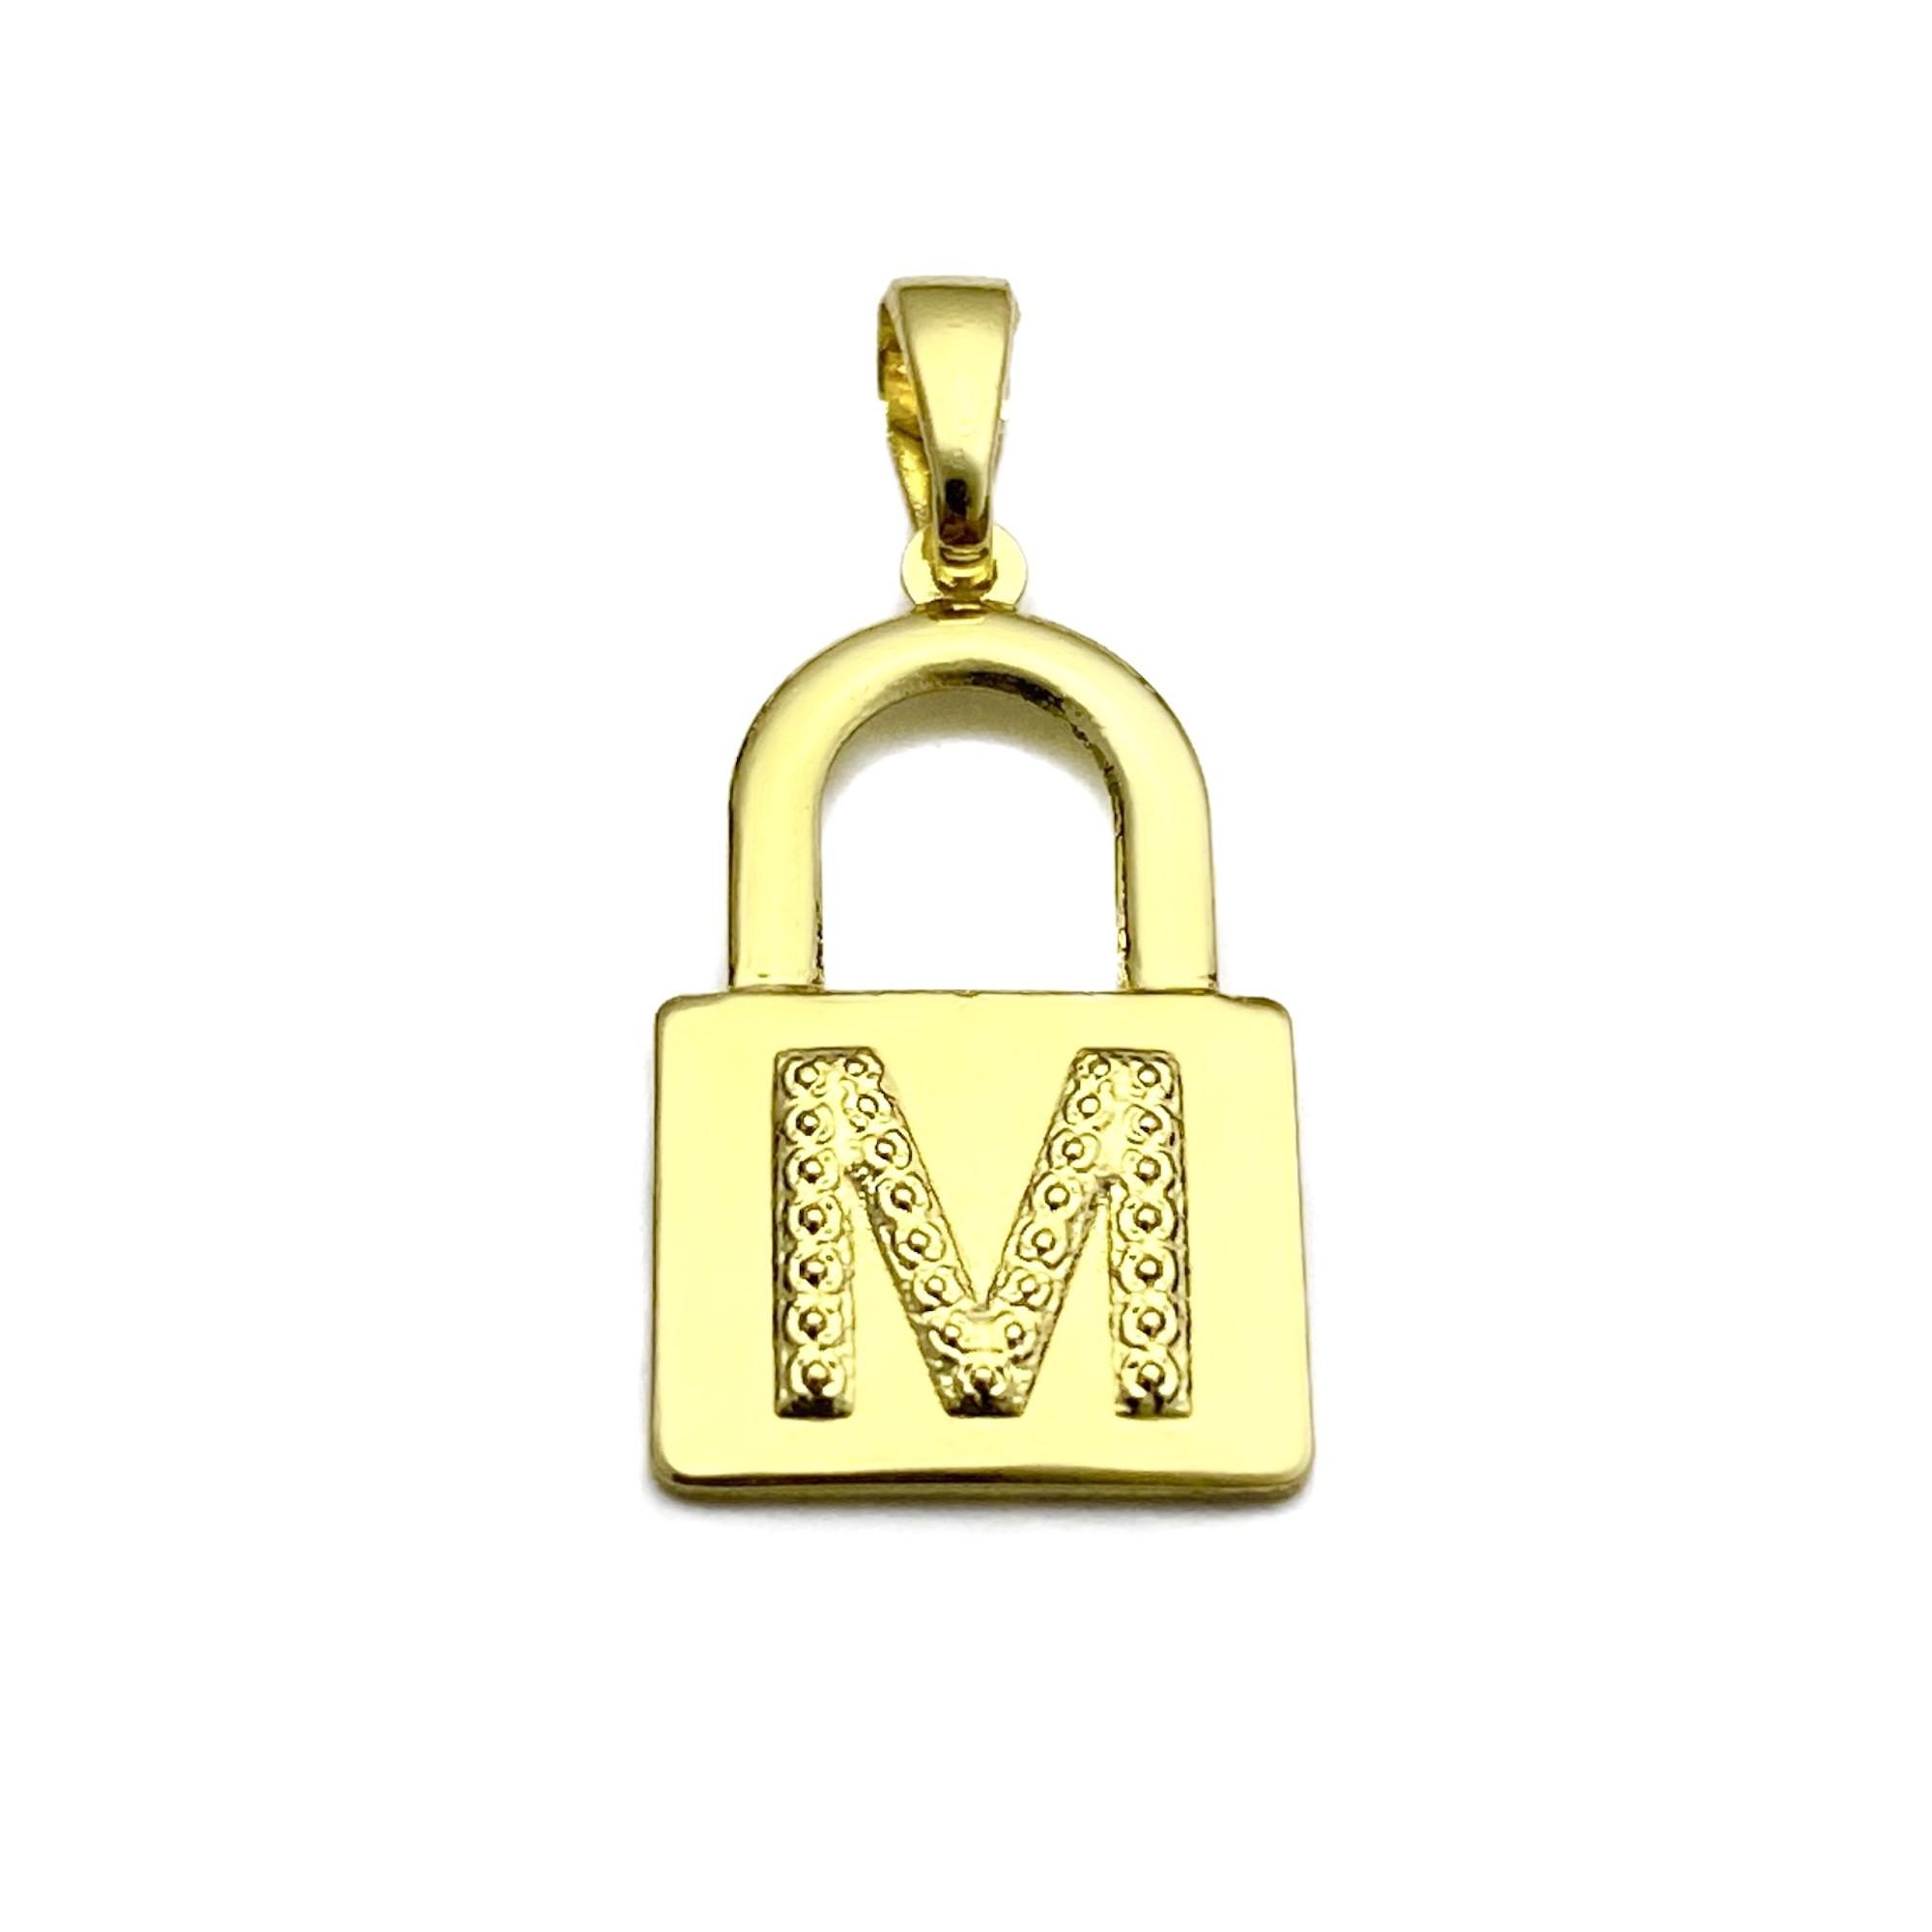 Pingente Cadeado de Letra 2,2cm X 1,1cm (Entre e escolha a sua letra)